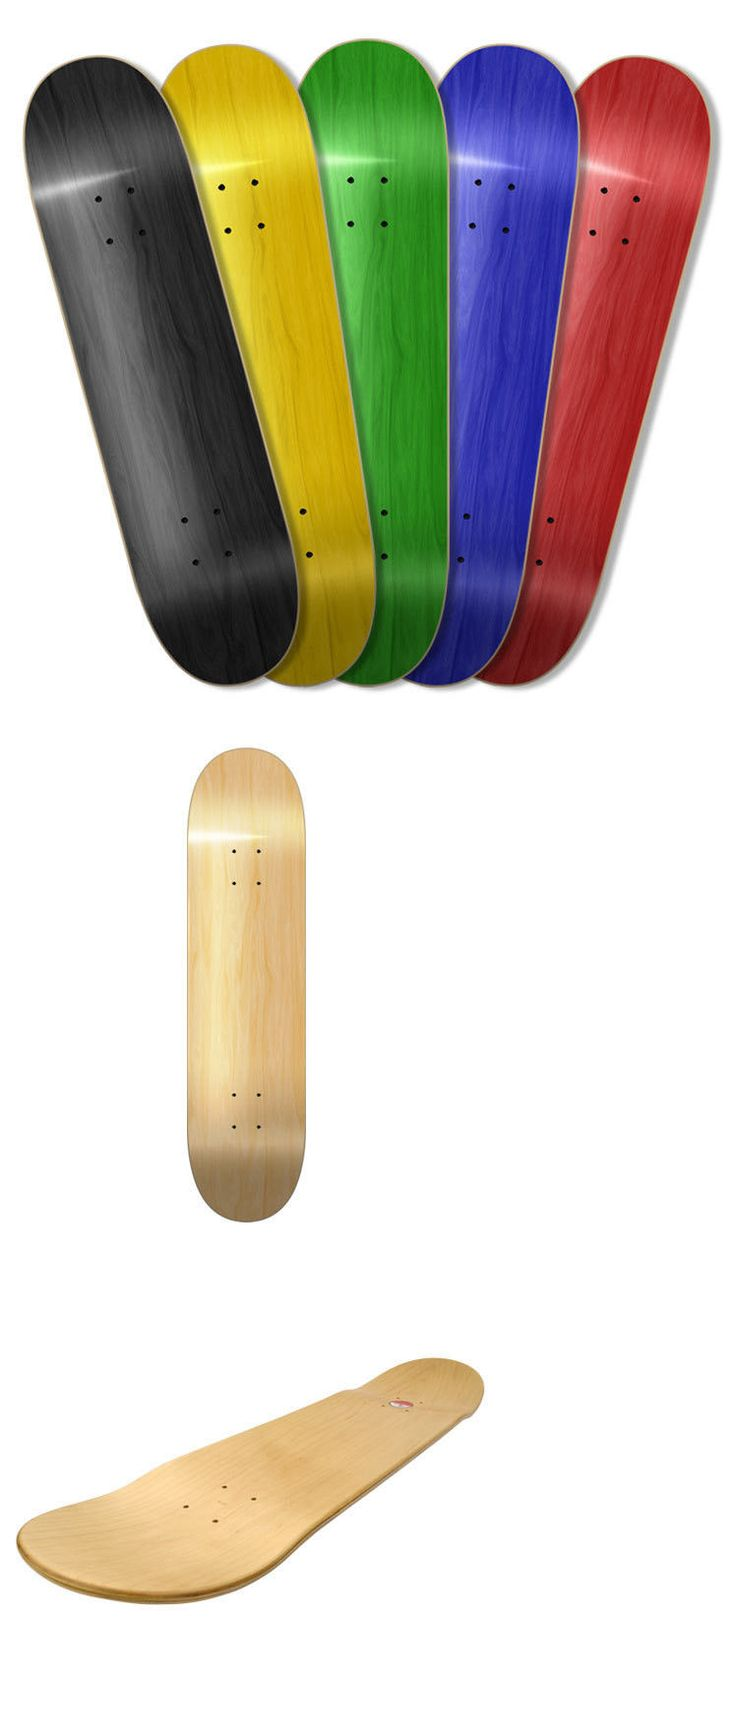 Decks 16263: 5 Assorted Blank Skateboard Decks /W Griptape Availble In 7.5 7.75 8.0 8.25 -> BUY IT NOW ONLY: $45.99 on eBay!